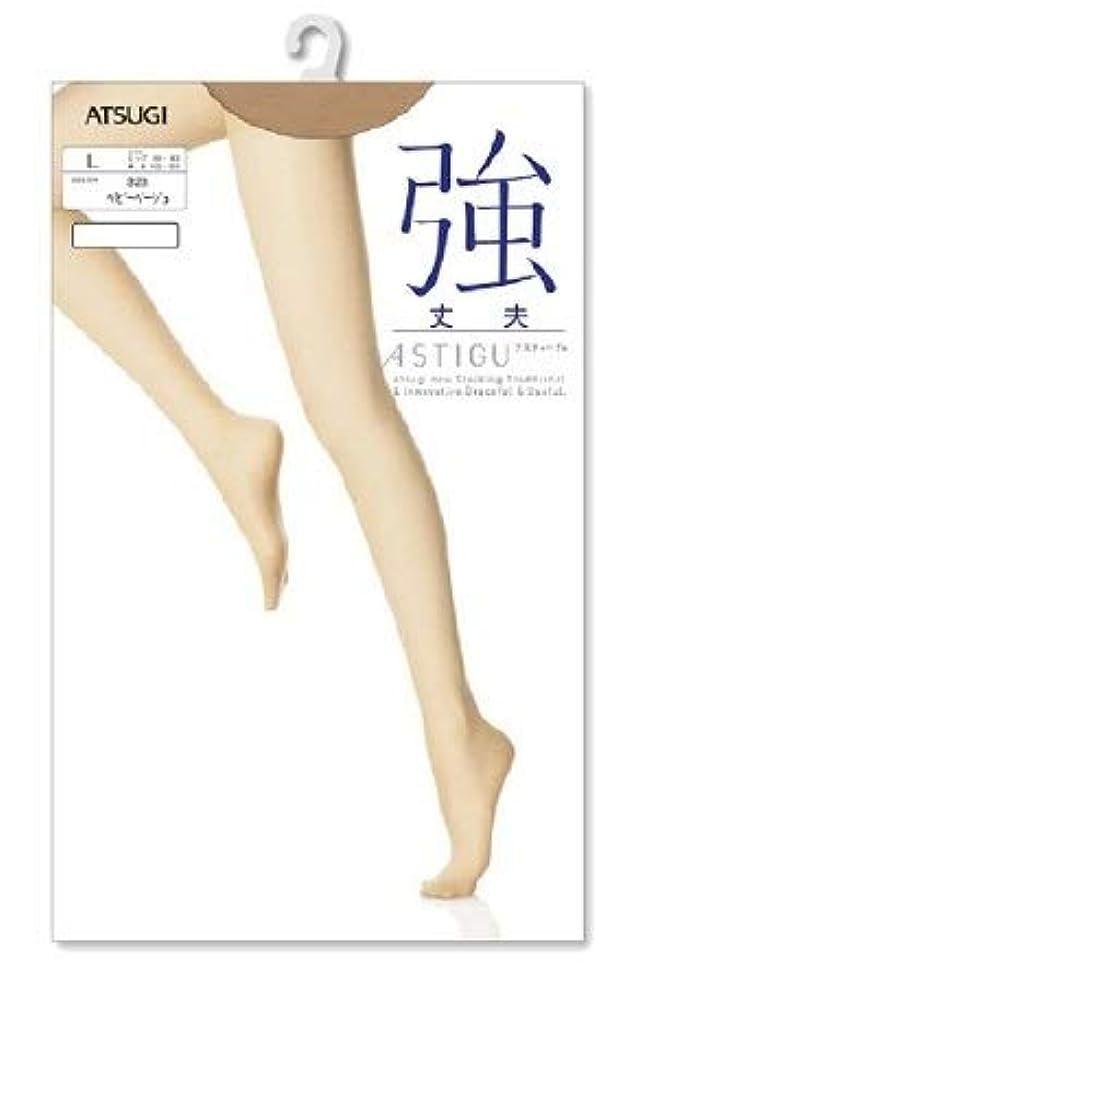 クスコアトラス精算アツギ ASTIGU(アスティーグ)強(ベビーベージュ)サイズ L